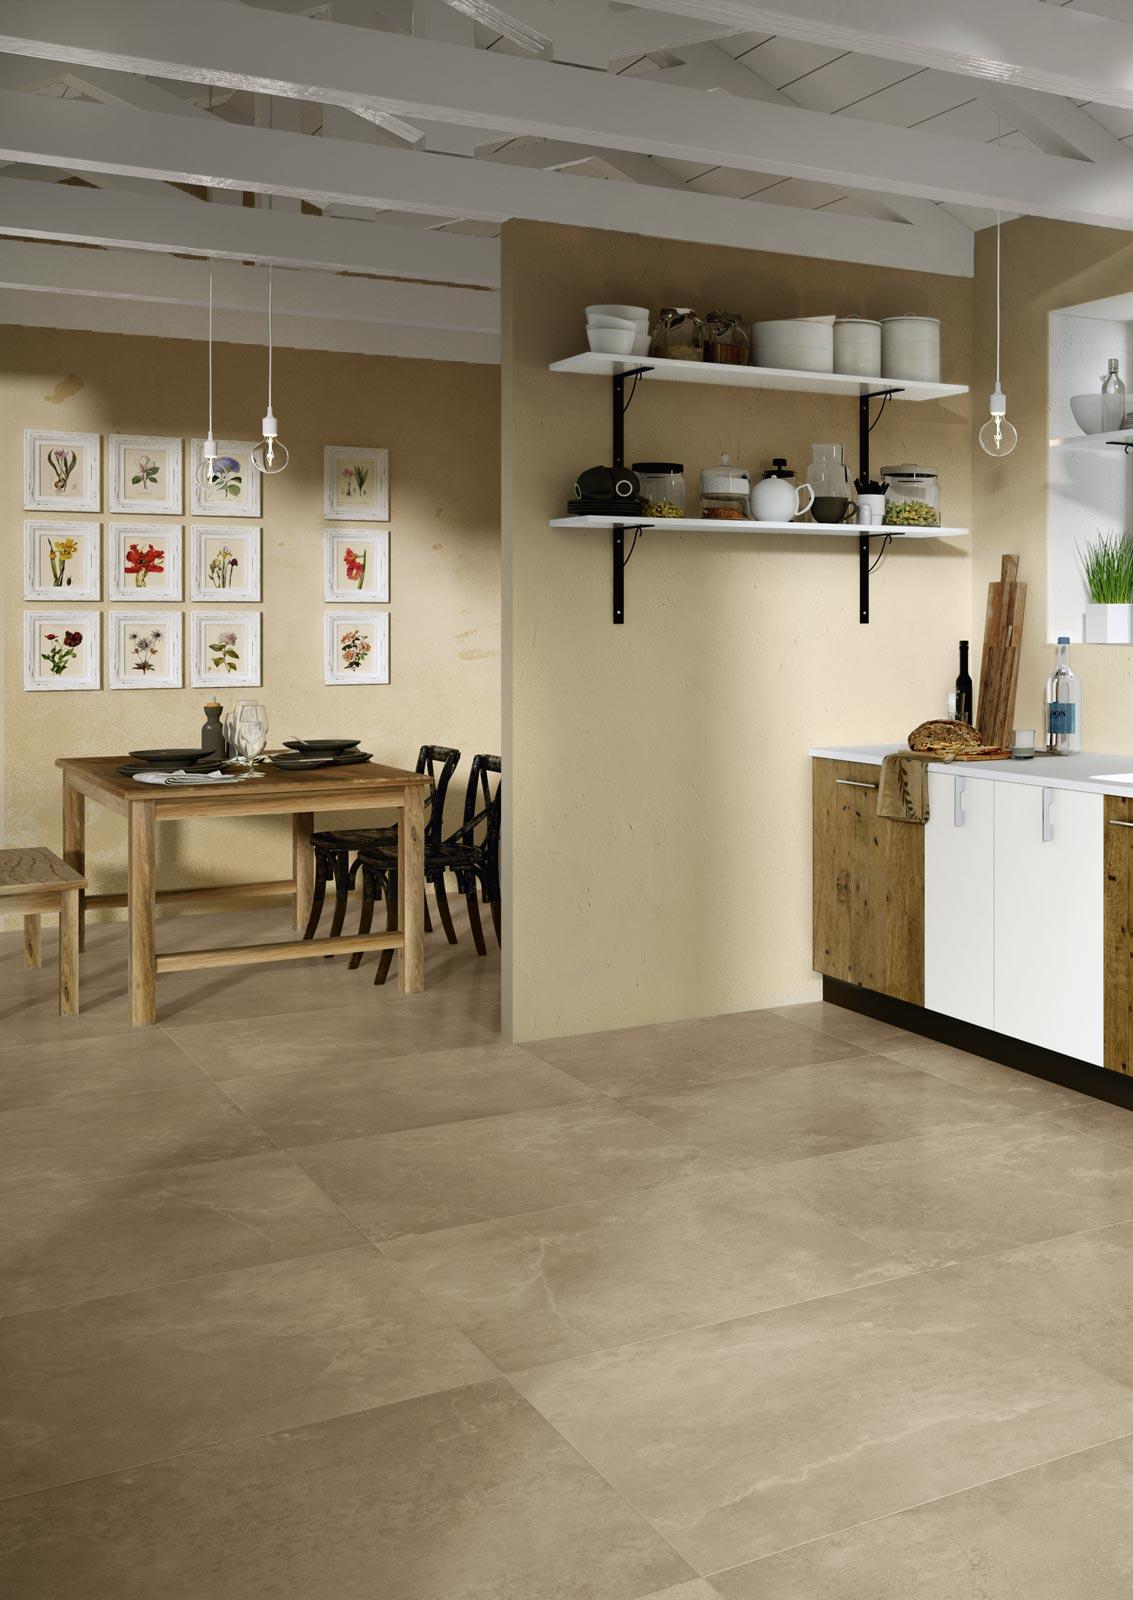 ragno votre sp cialiste du carrelage et sanitaire. Black Bedroom Furniture Sets. Home Design Ideas